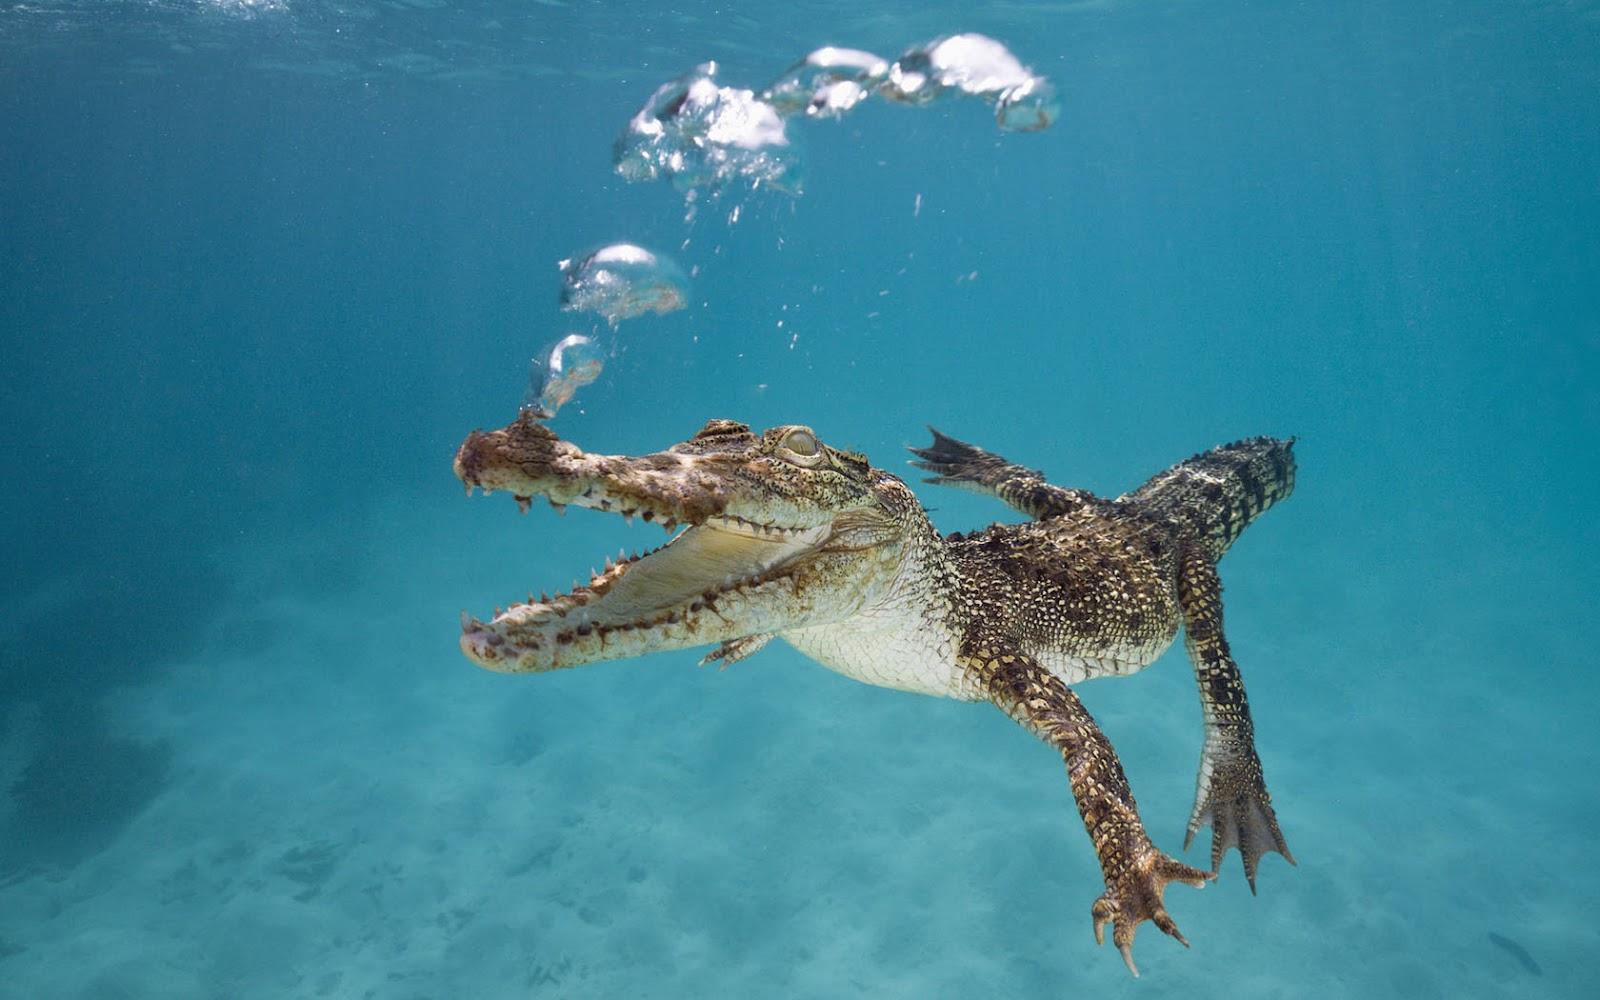 http://2.bp.blogspot.com/-nN-9uS4k4Qg/UE-kjG15x6I/AAAAAAAAHYk/bXXBEtp254Y/s1600/hd-wallpaper-met-een-krokodil-die-onderwater-zwemt-in-helder-water-hd-krokodil-achtergrond-foto.jpg